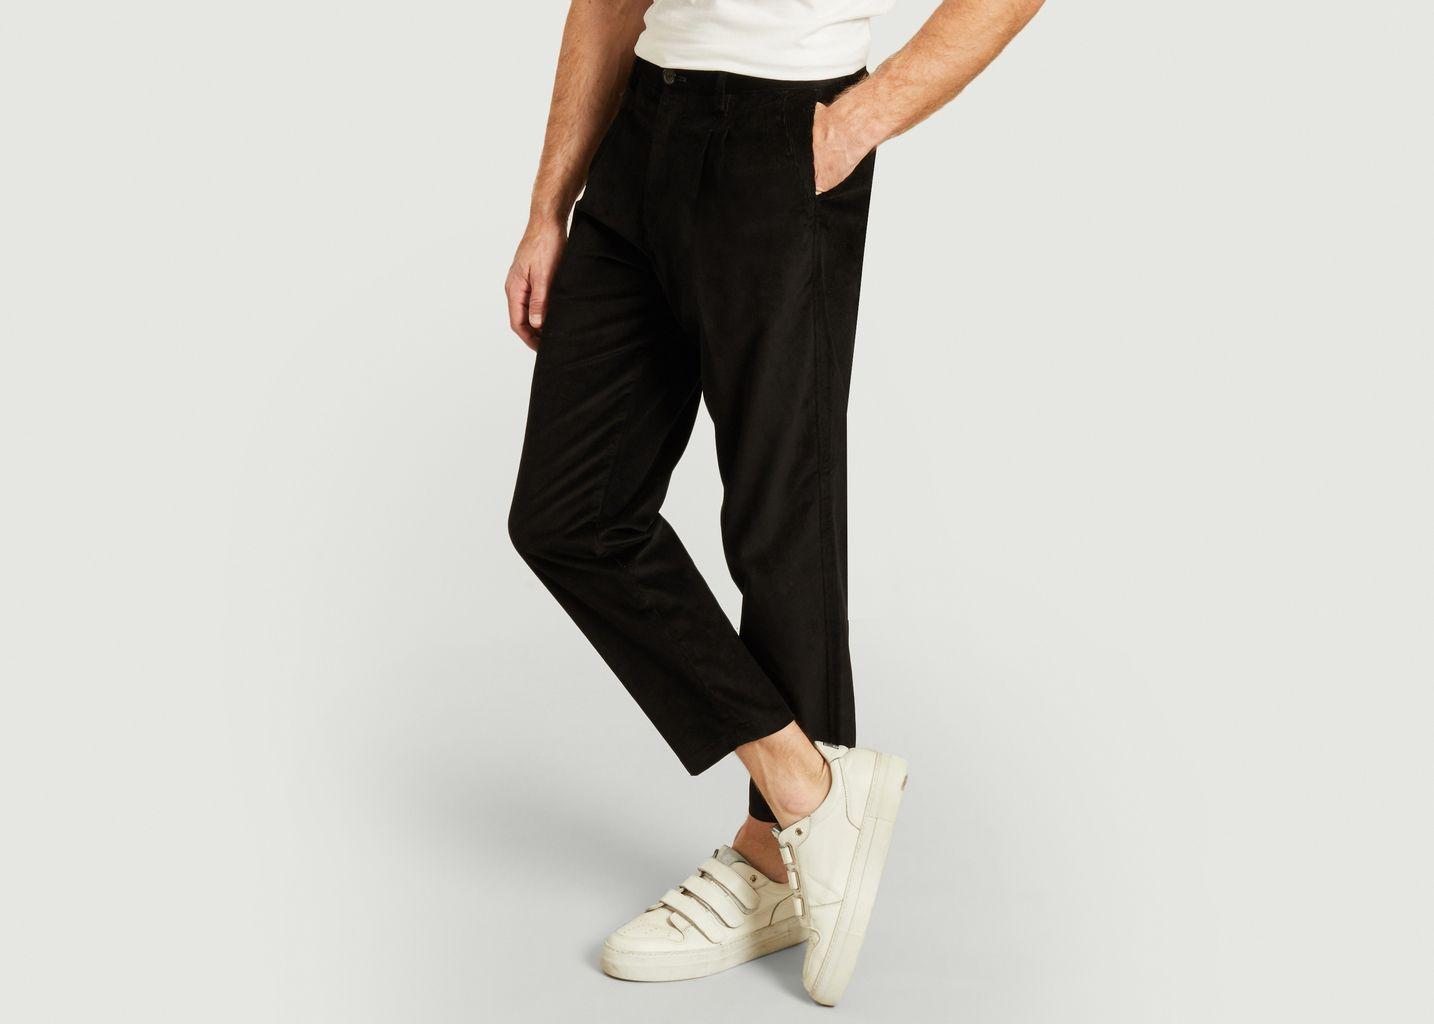 Pantalon velours chino 7/8e à poches - PS by PAUL SMITH